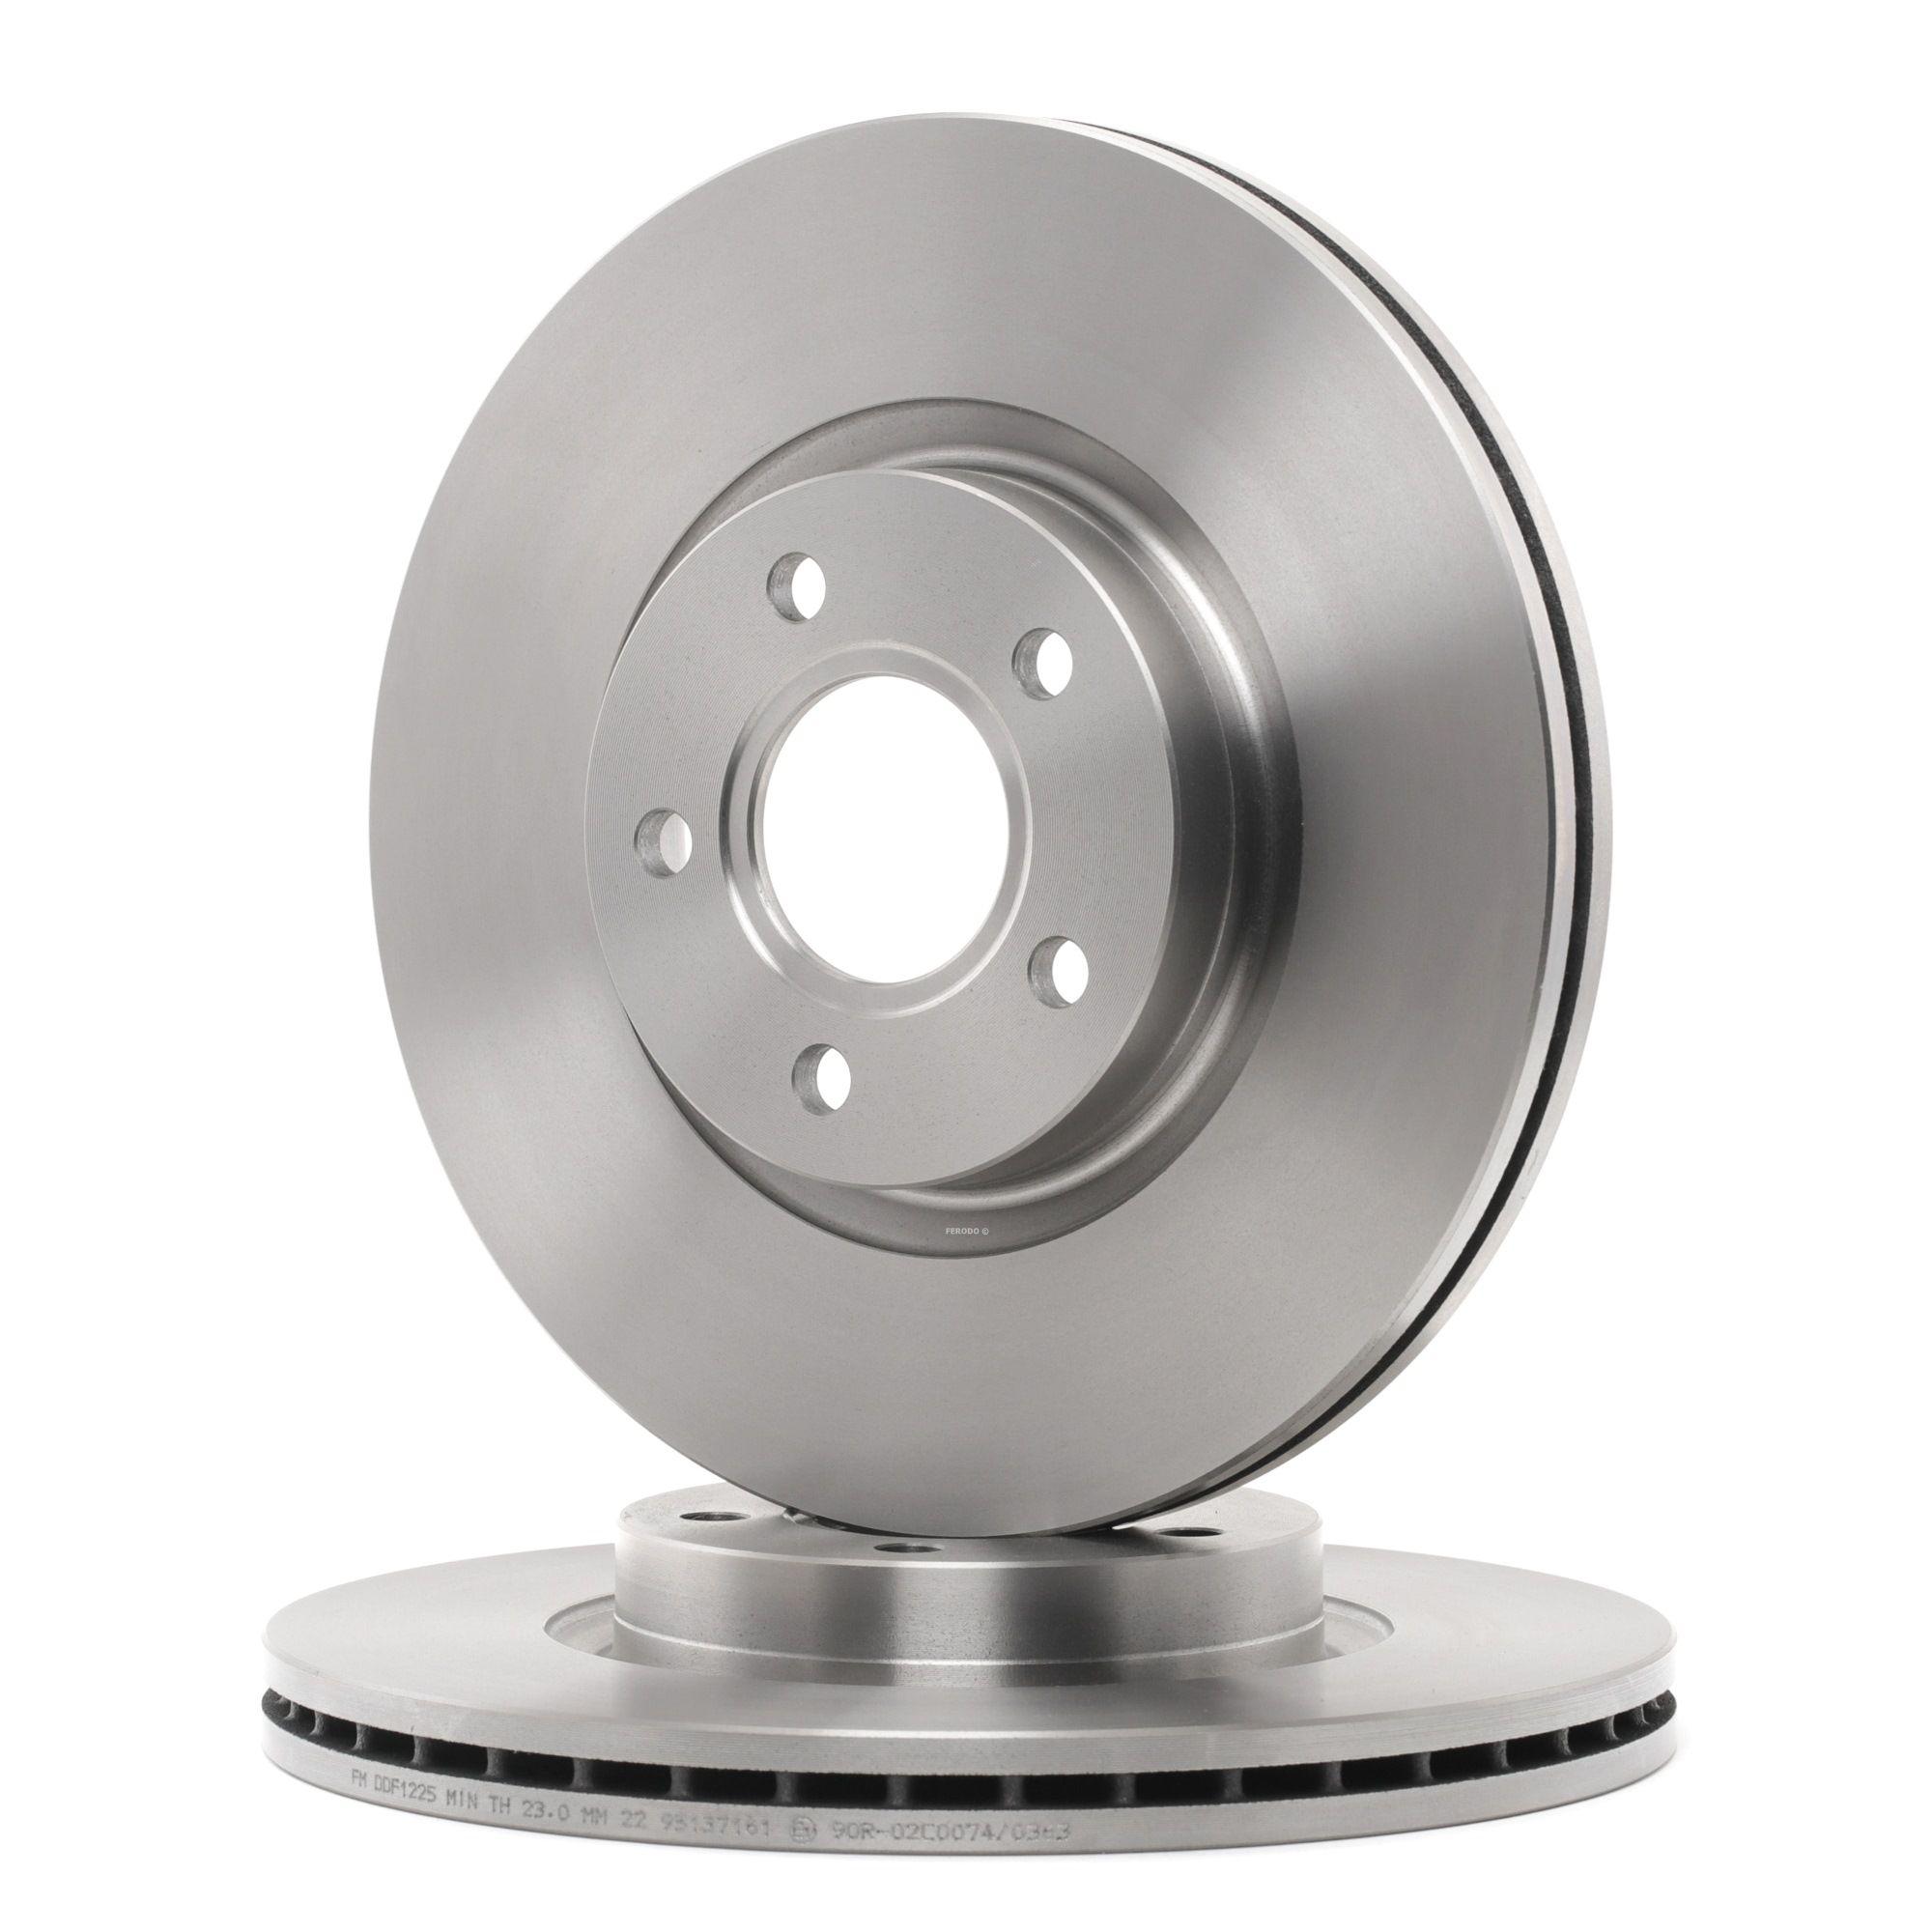 Origine Freins FERODO DDF1225 (Ø: 300mm, Nbre de trous: 5, Épaisseur du disque de frein: 25mm)